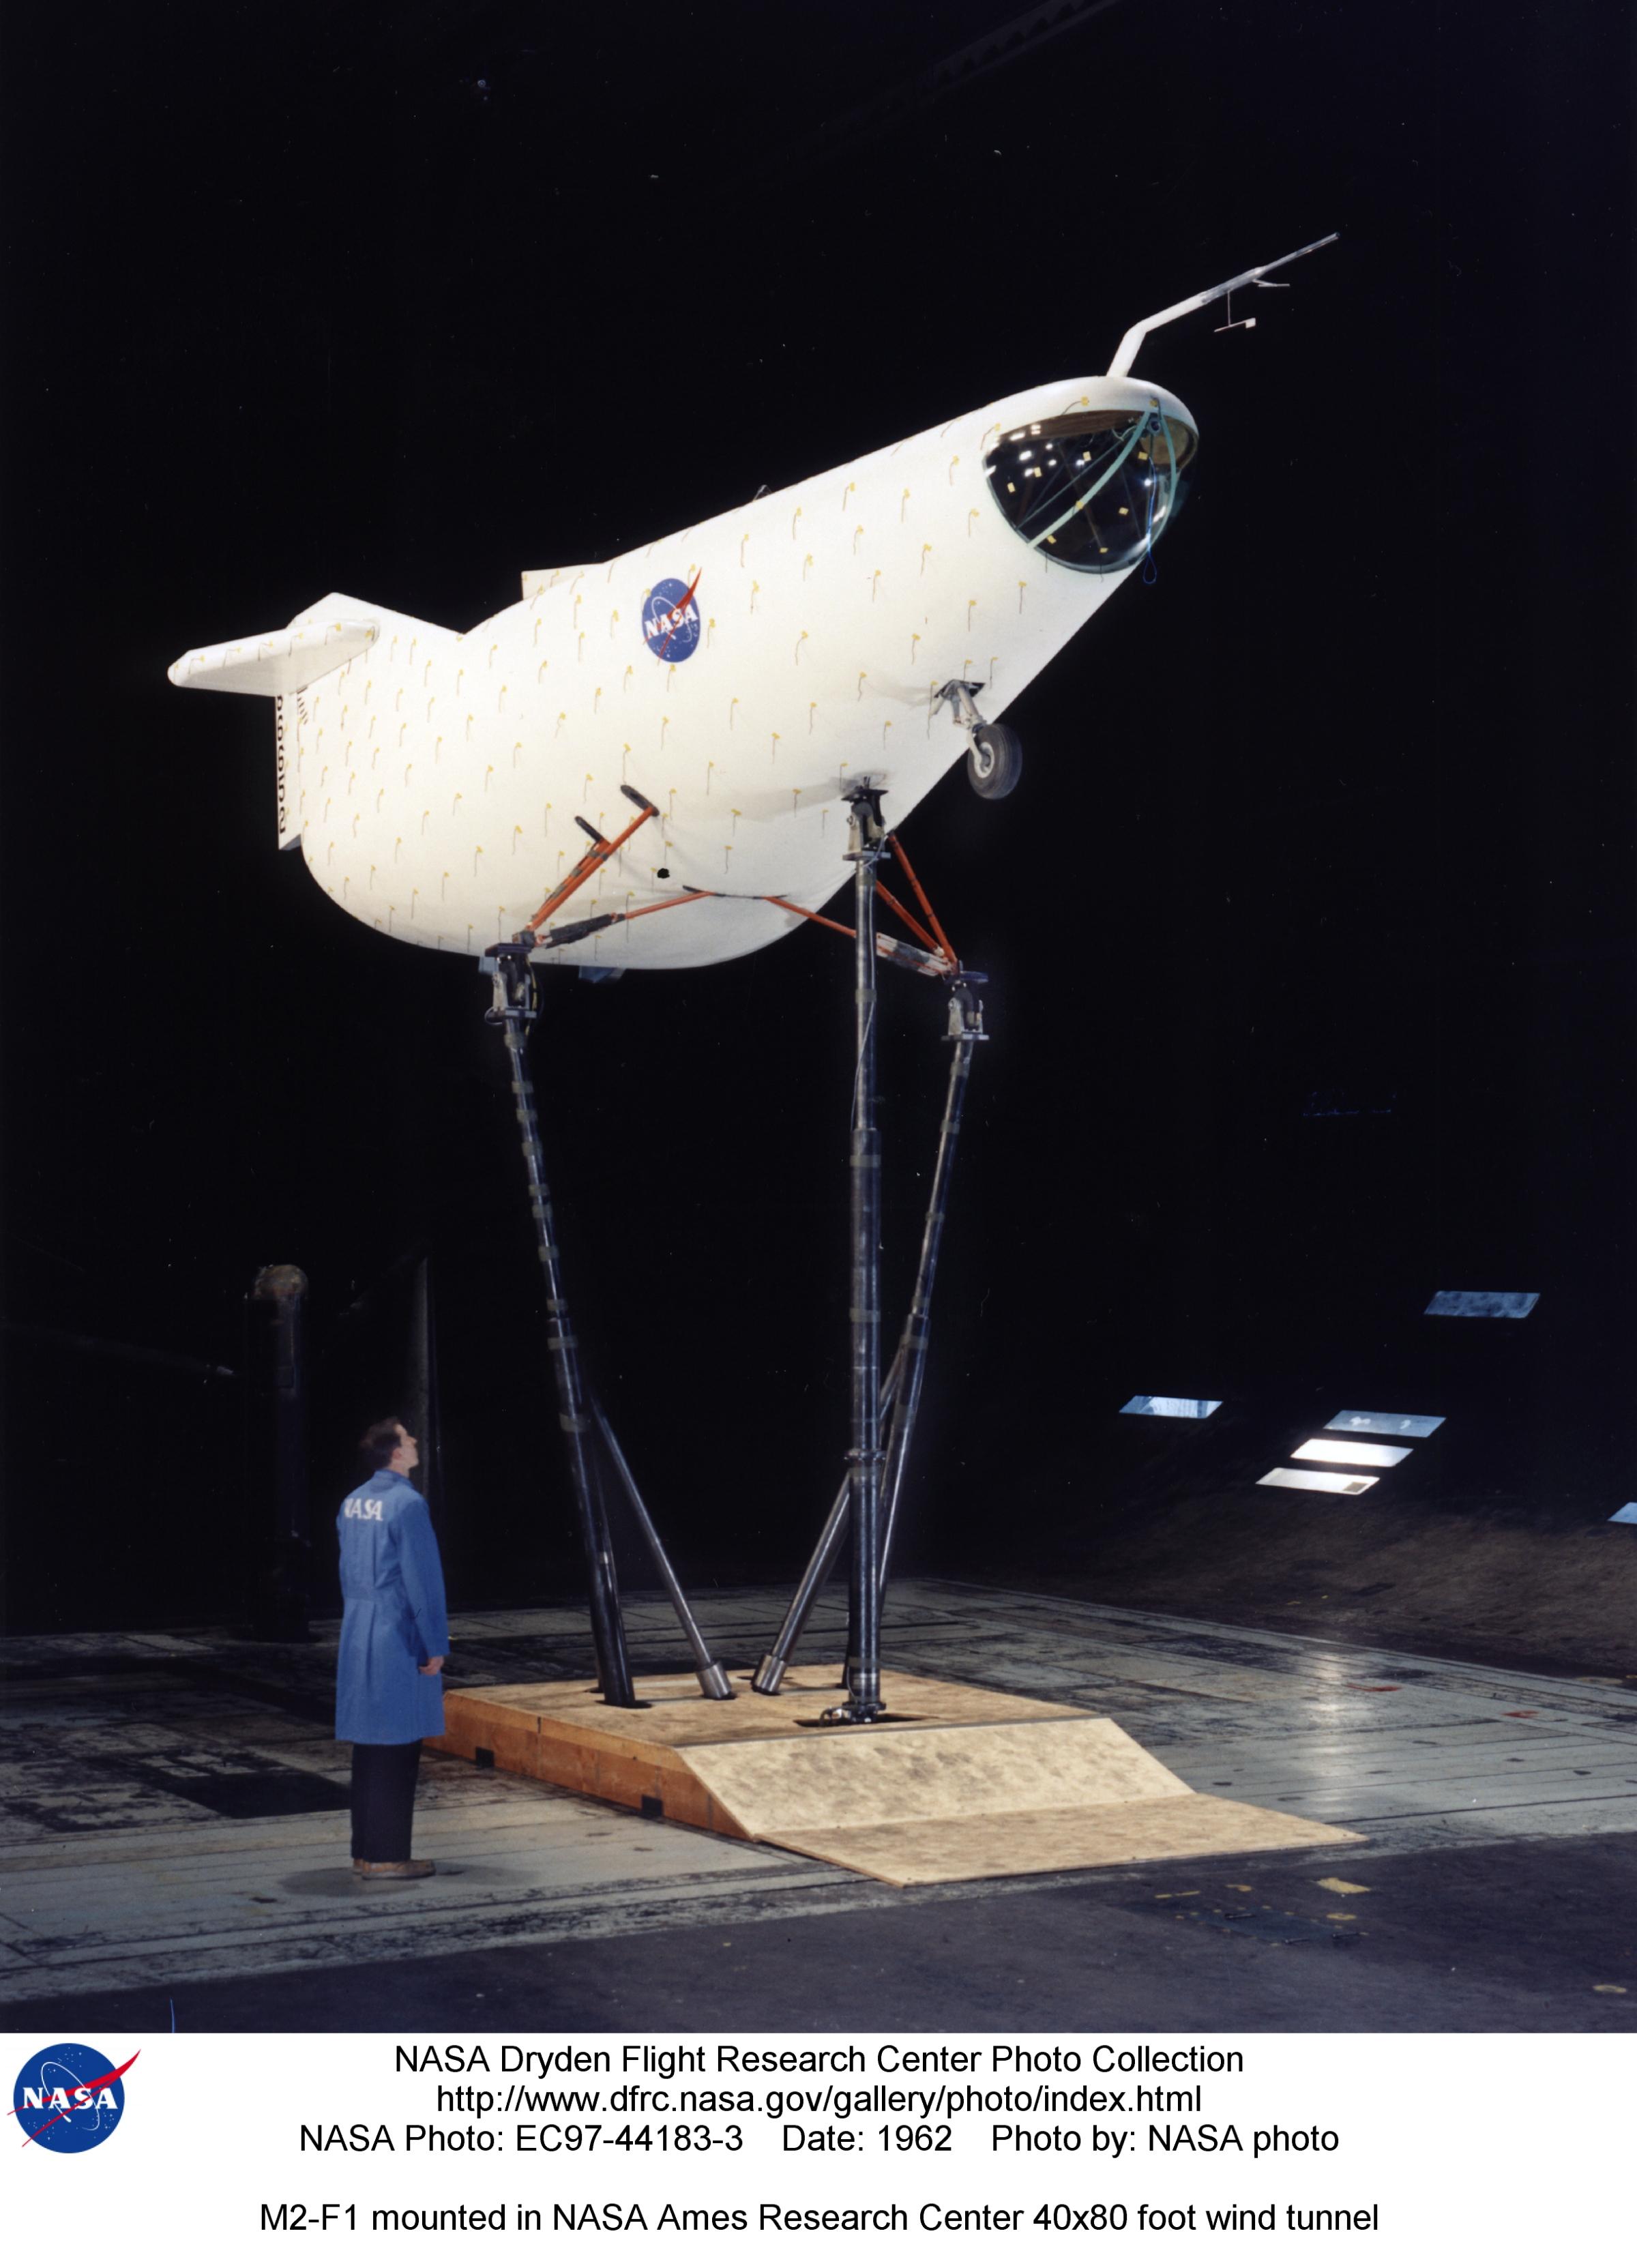 NASA Dryden M2-F1 Aircraft Photo Collection